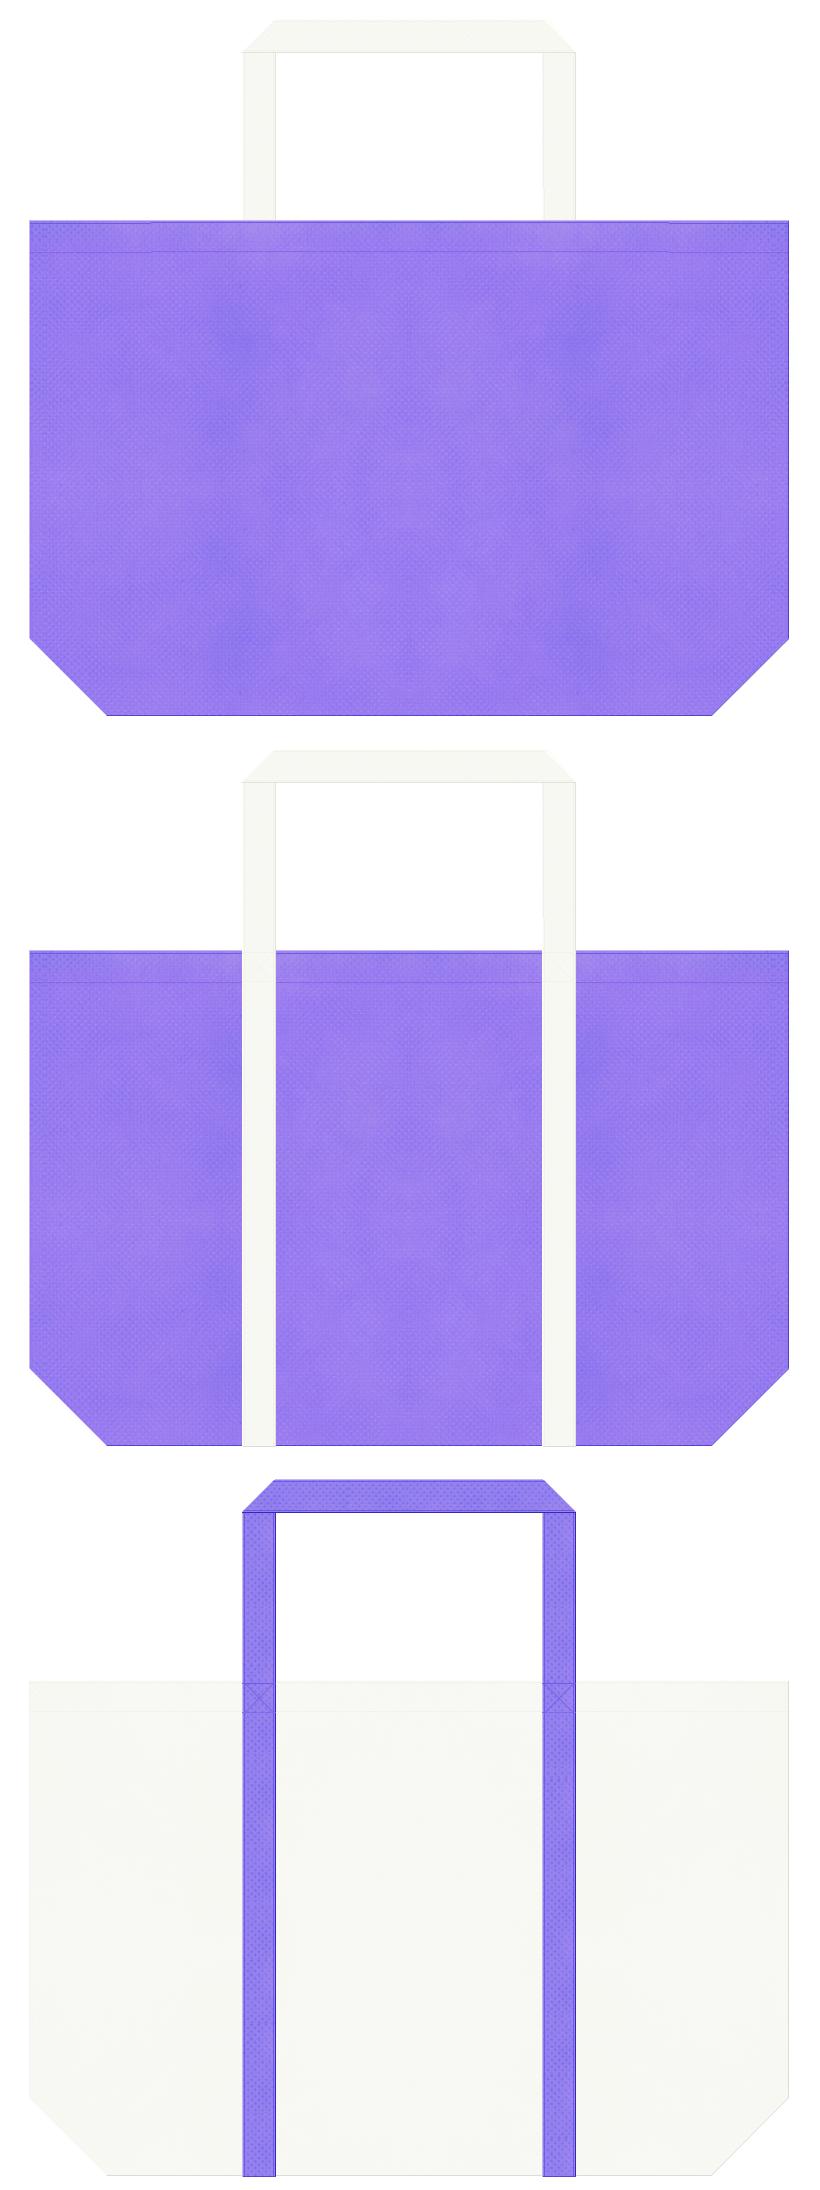 パステルカラーの不織布ショッピングバッグ:薄紫色とオフホワイト色のデザイン